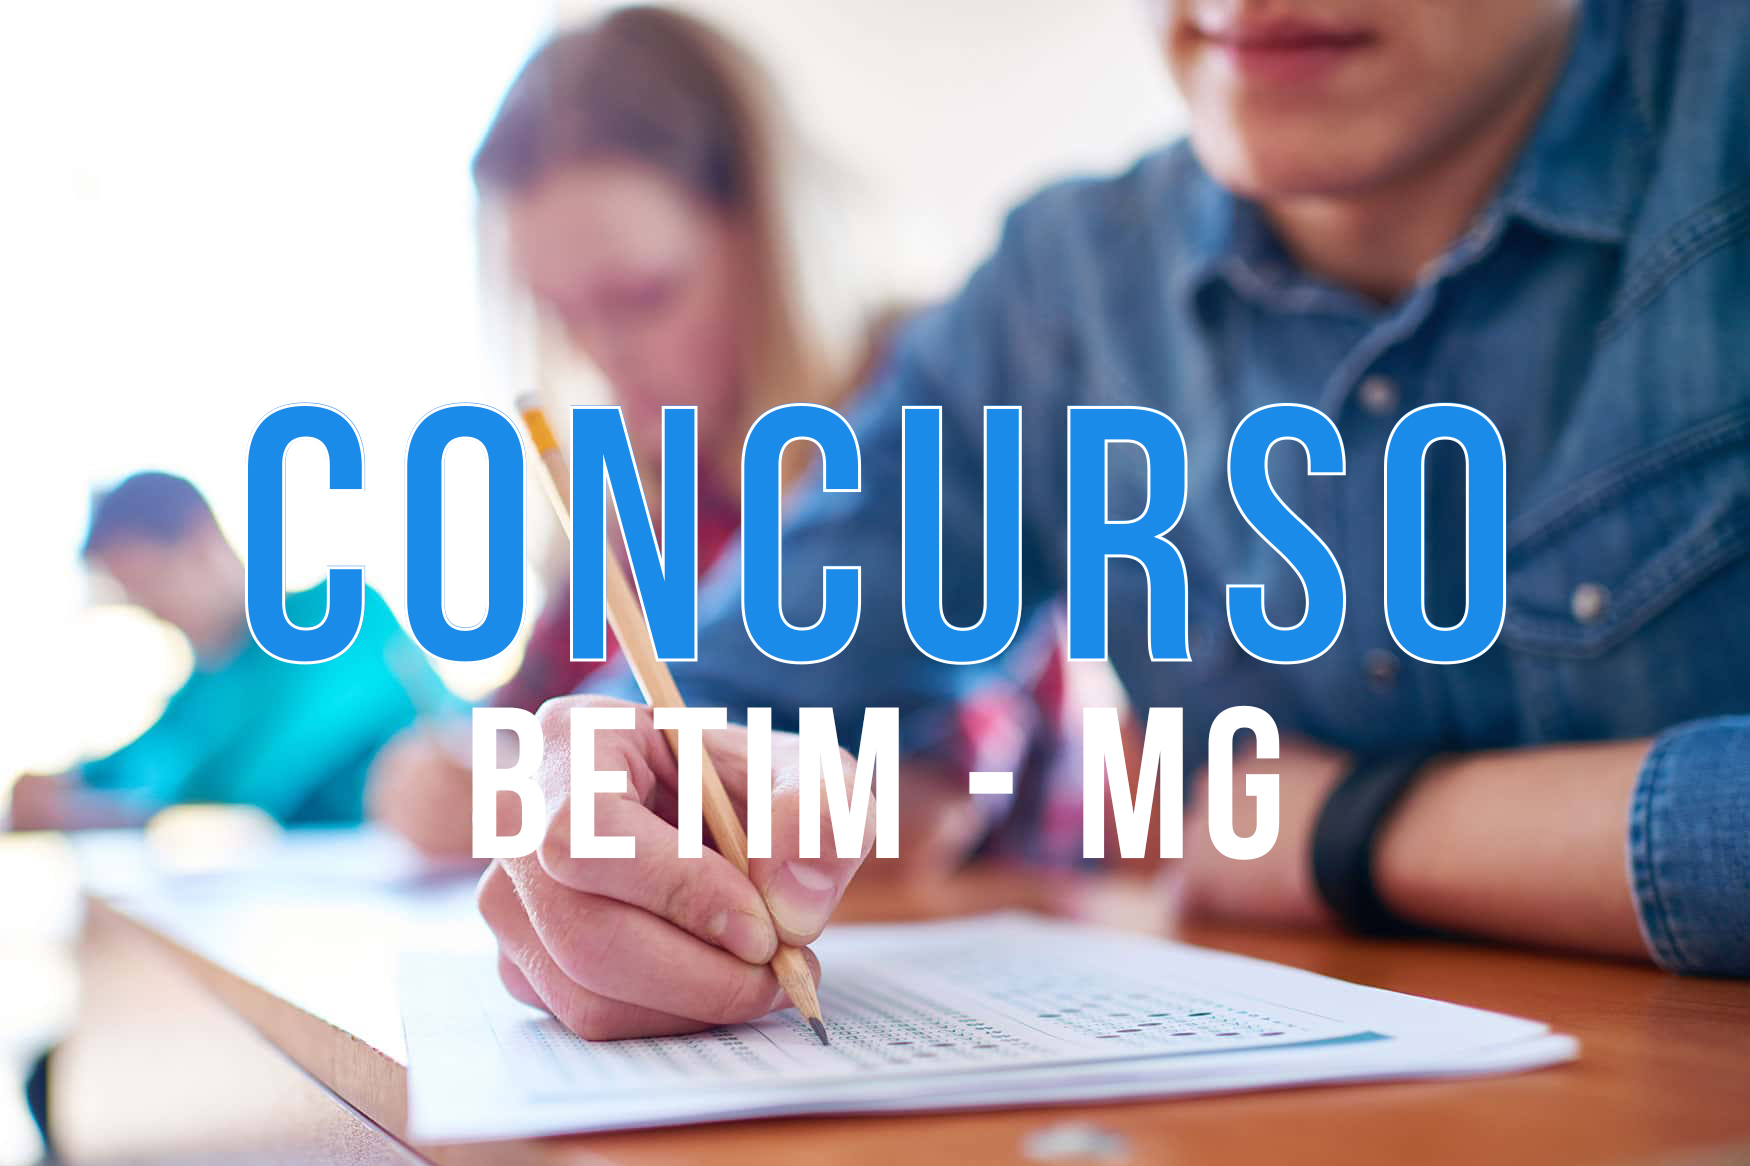 Concurso Betim - MG: Prefeitura publica edital com quase 400 vagas